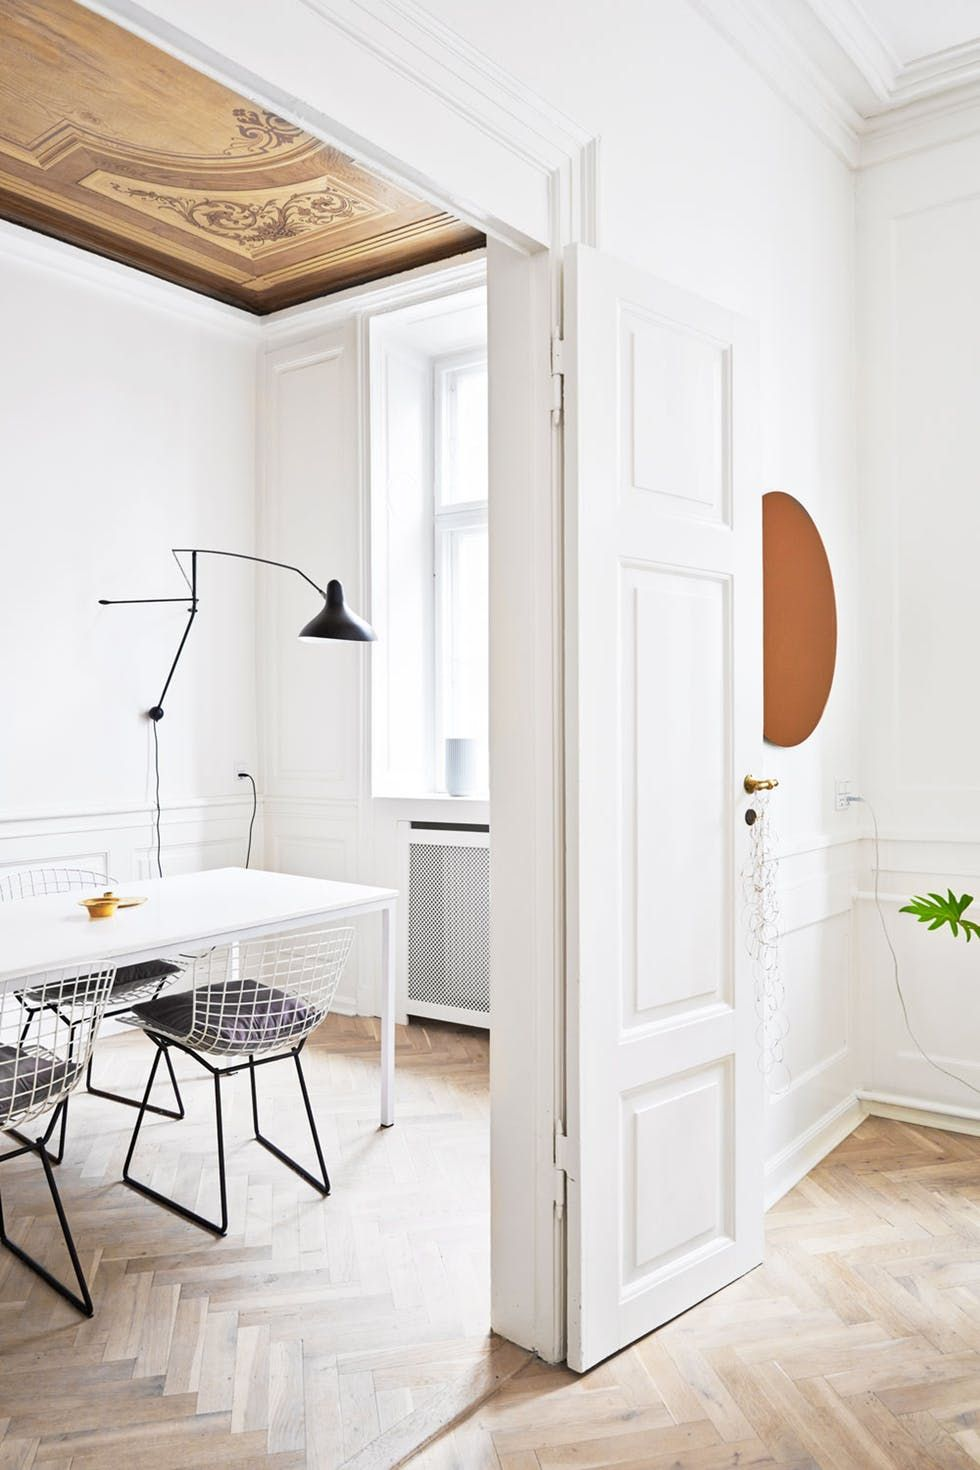 Esszimmer Altbau einrichten Bertoia Stühle Leuchte DCW schwarz Holz Parkett modern skandinavisch monochrom einrichten dekorieren Interior Design